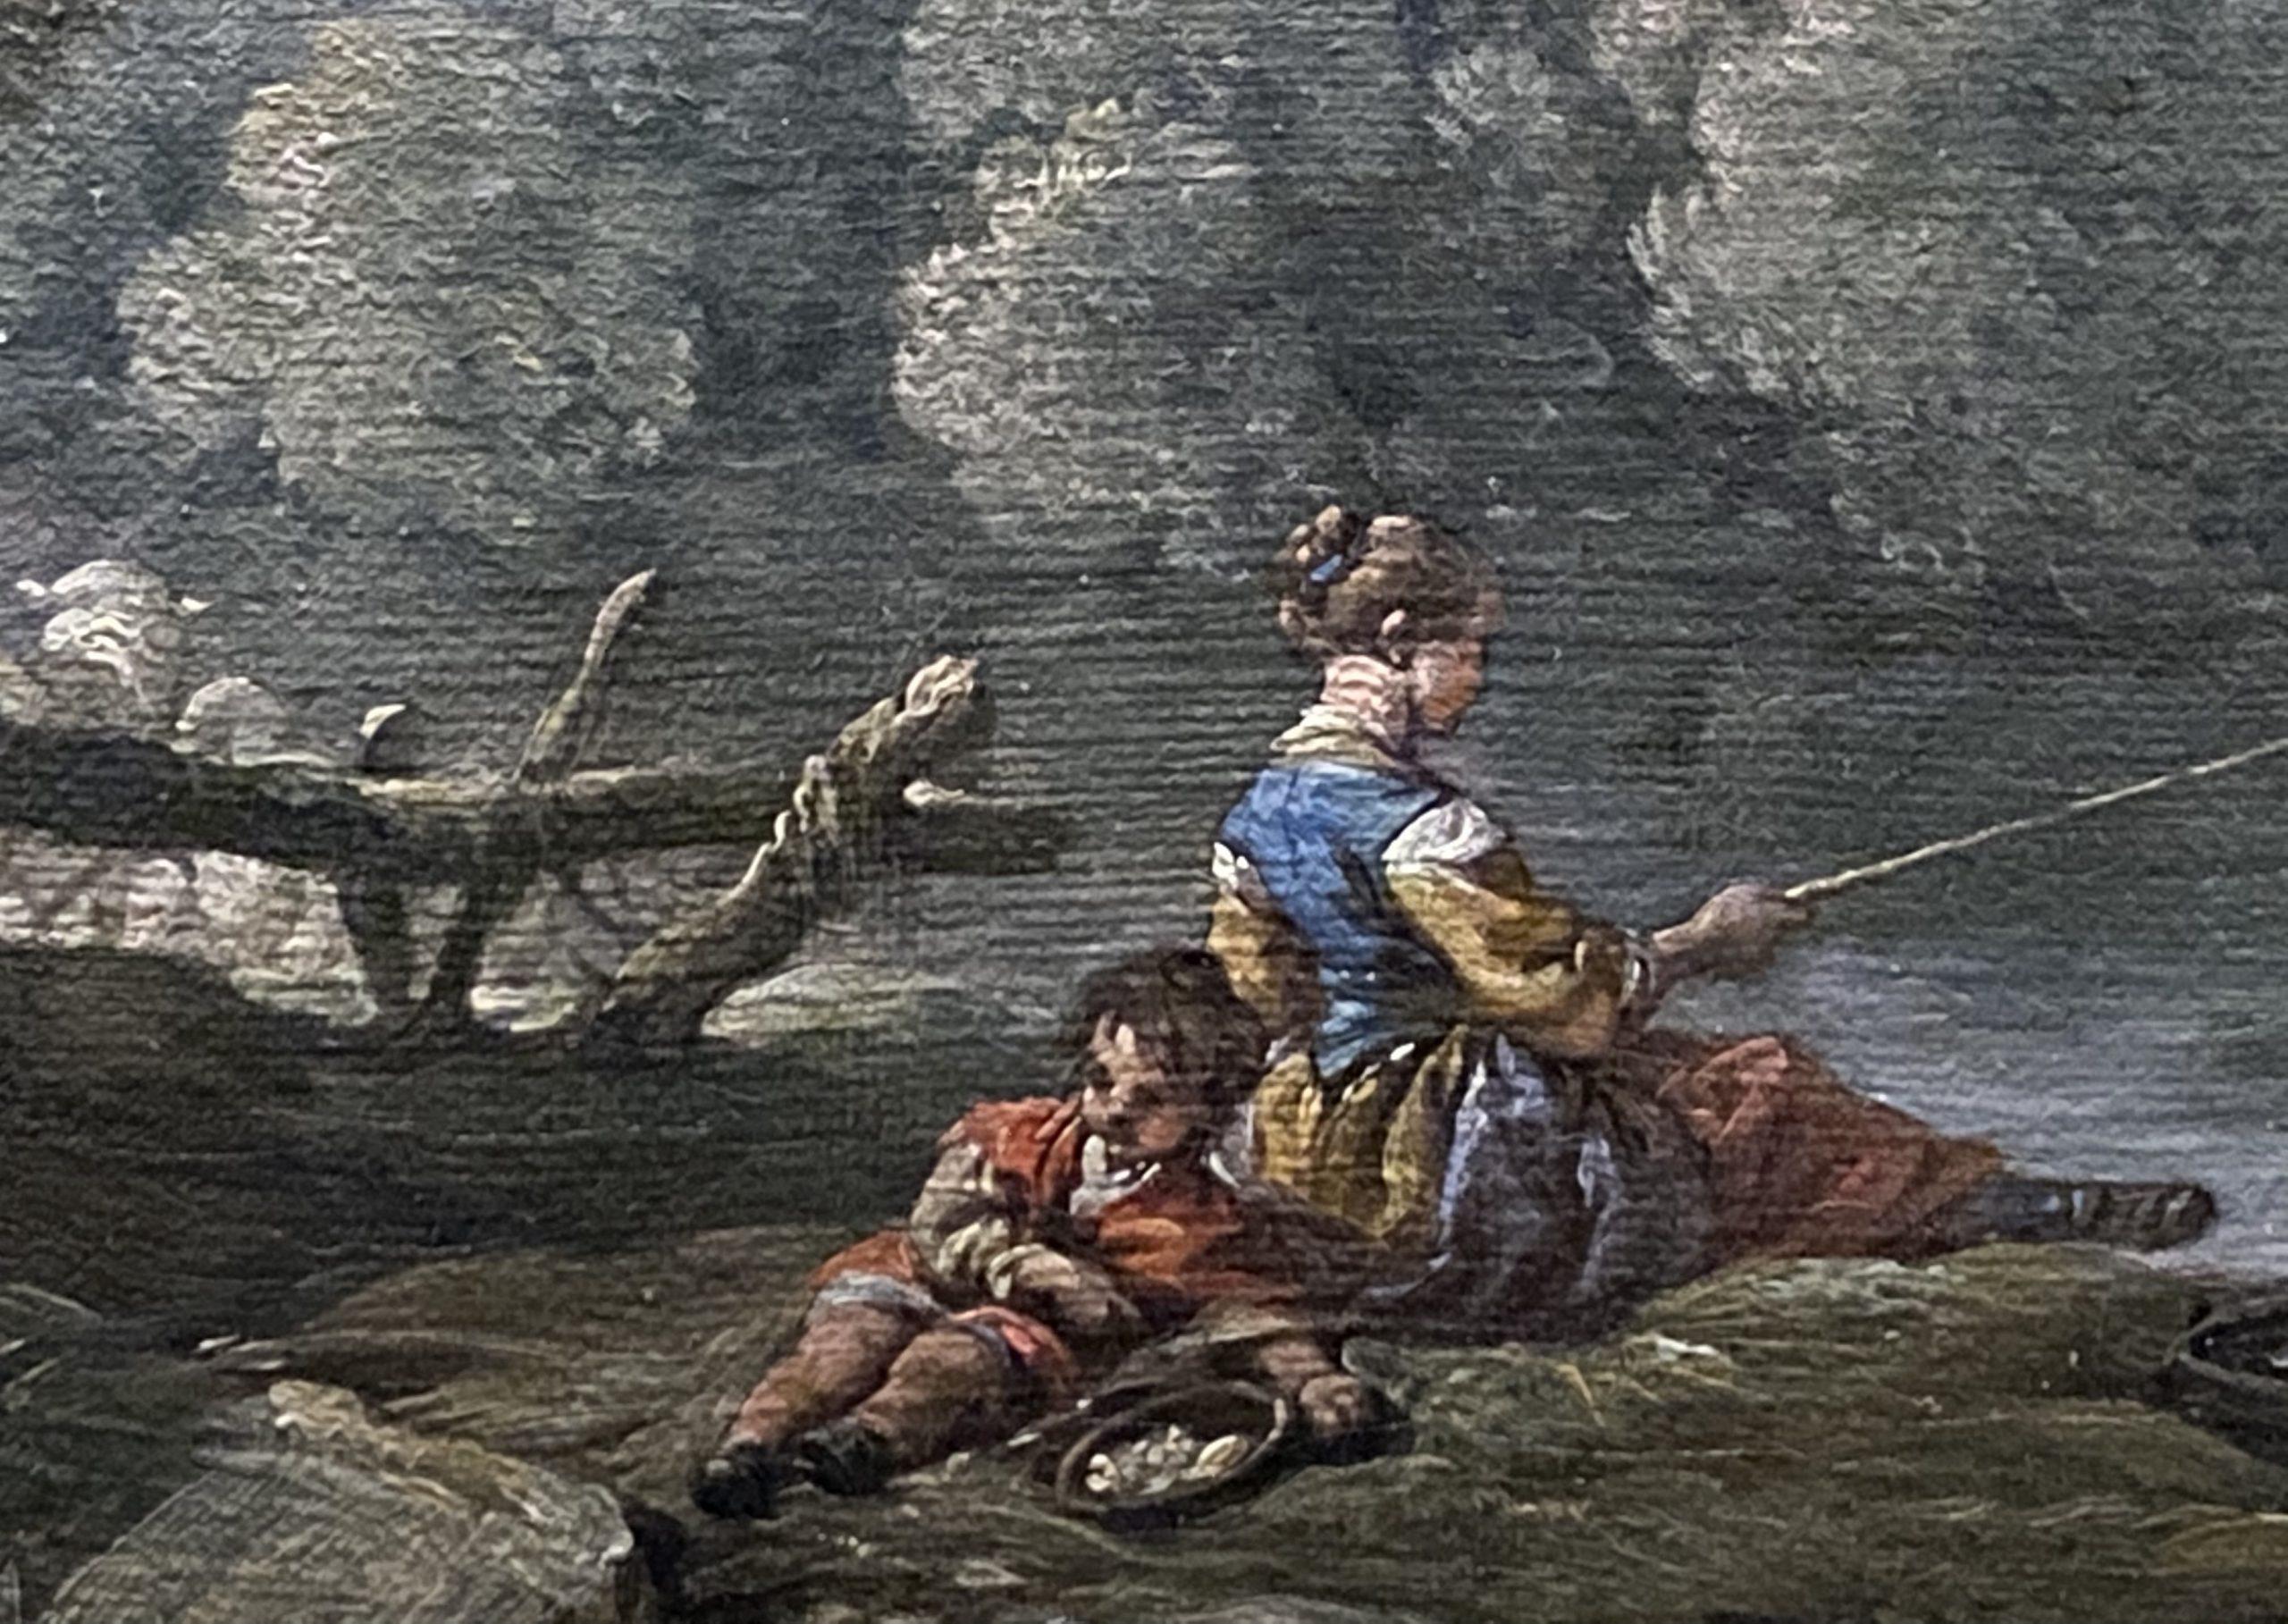 女性釣りの田園風景-フランス-特別展【光影浮空-欧州絵画500年】-成都博物館